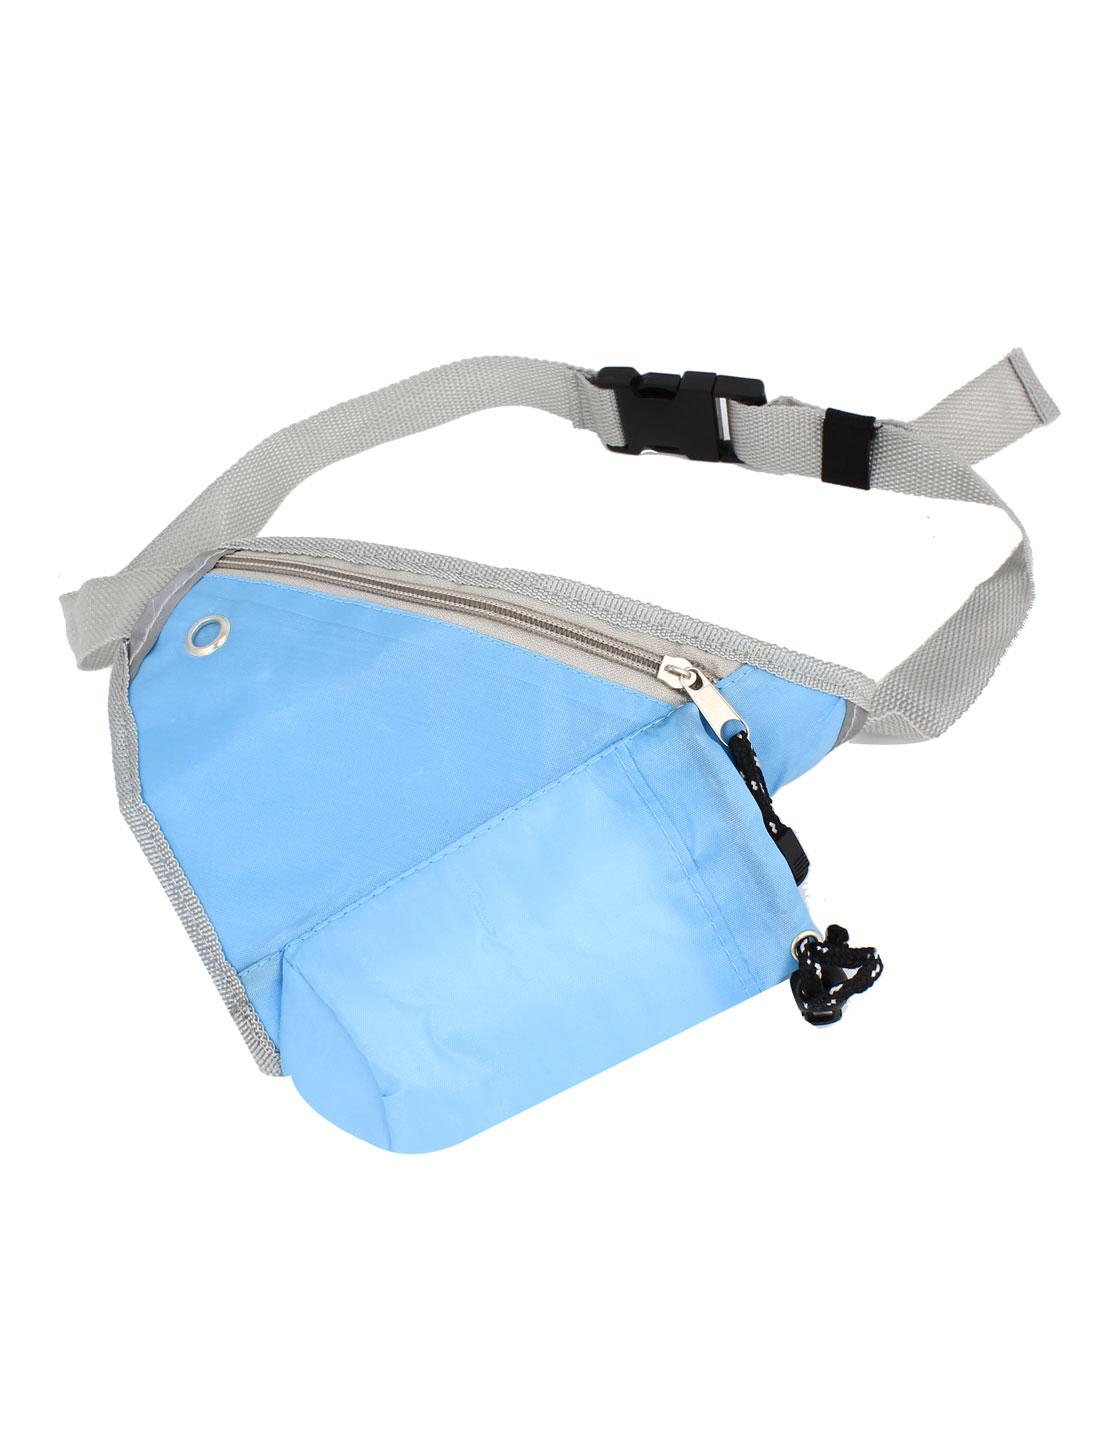 Men 2 Pockets Zipper Closure Adjustable Strap Shoudler Waist Pack Bag Sky Blue